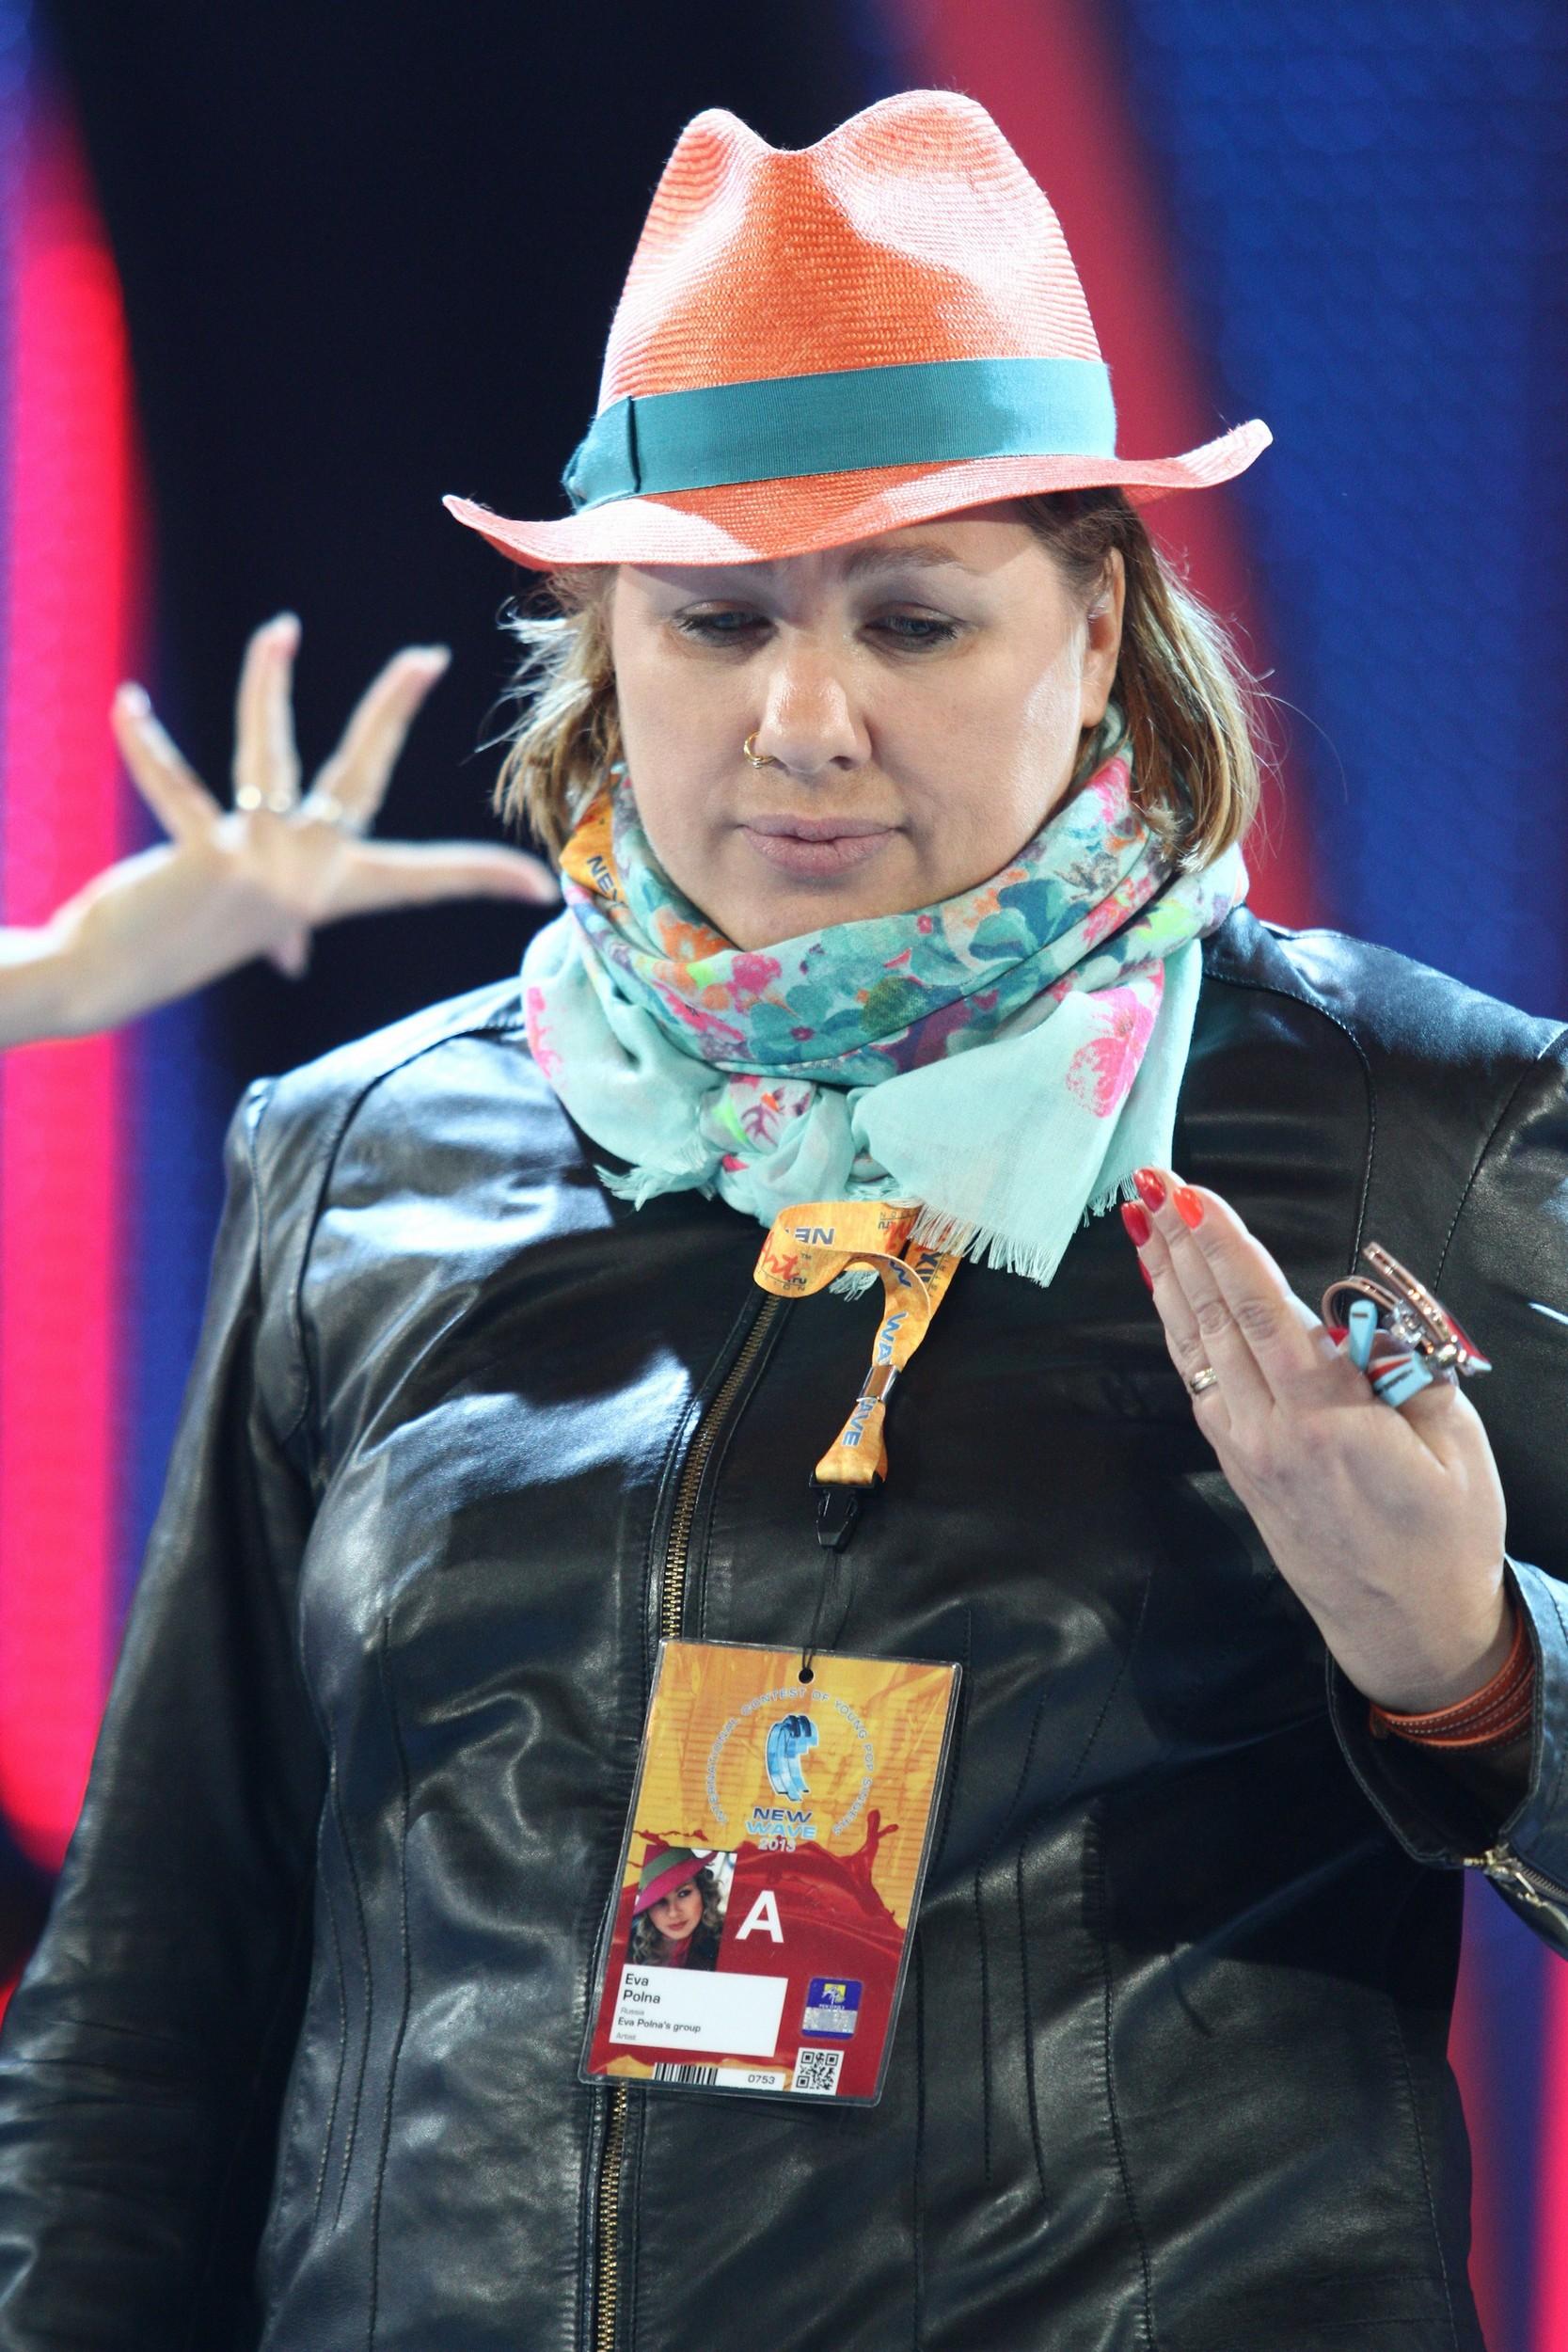 Певица Ева Польна дополнила образ сережкой в носу